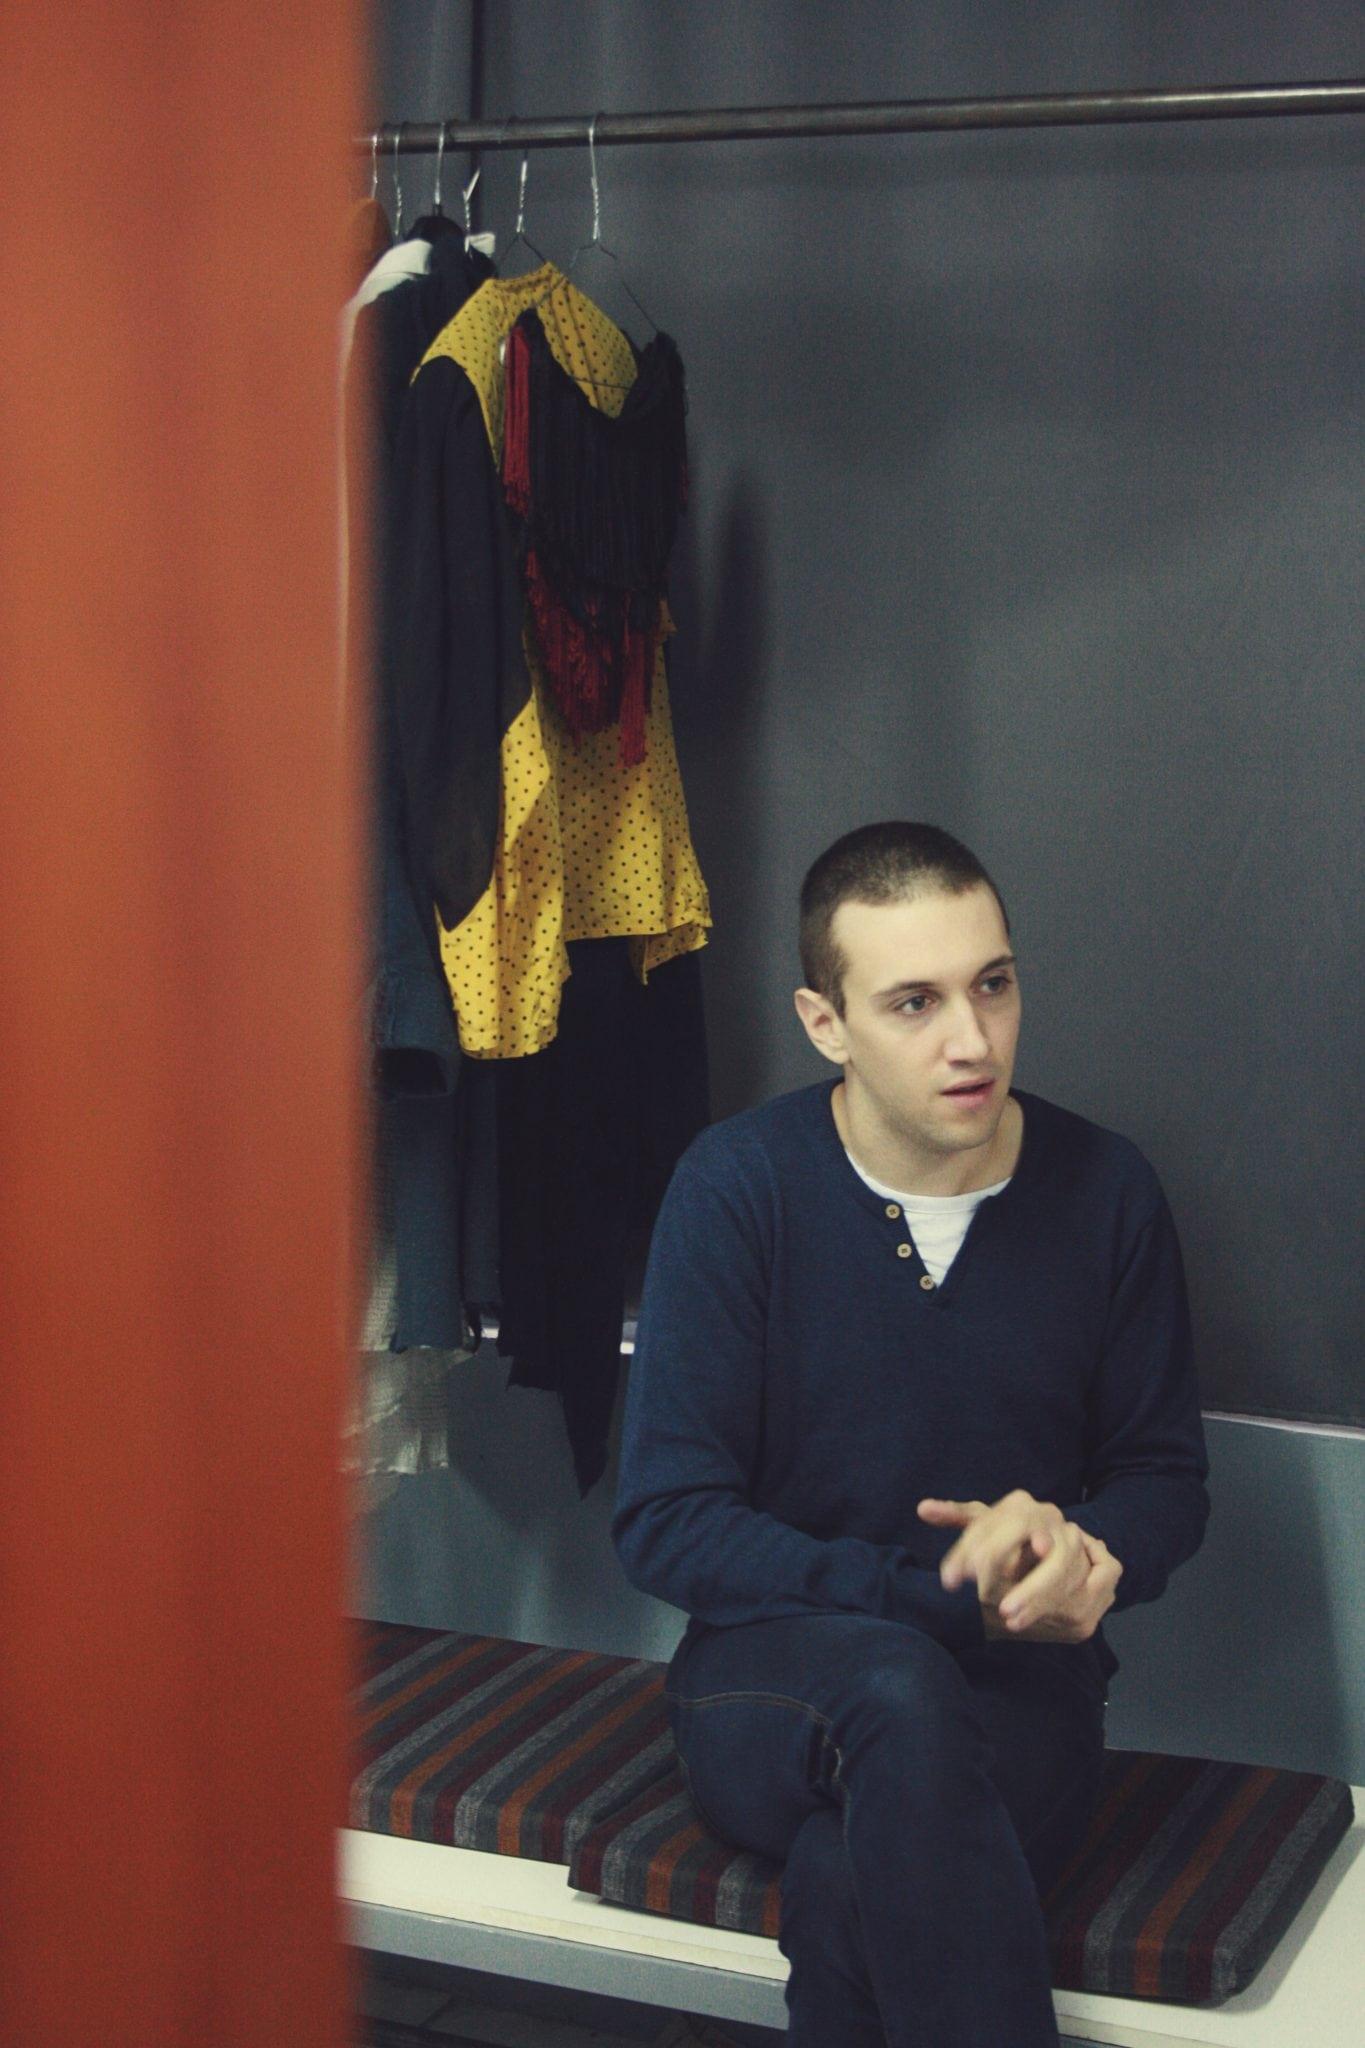 Συνέντευξη με τον Δημήτρη Φουρλή.